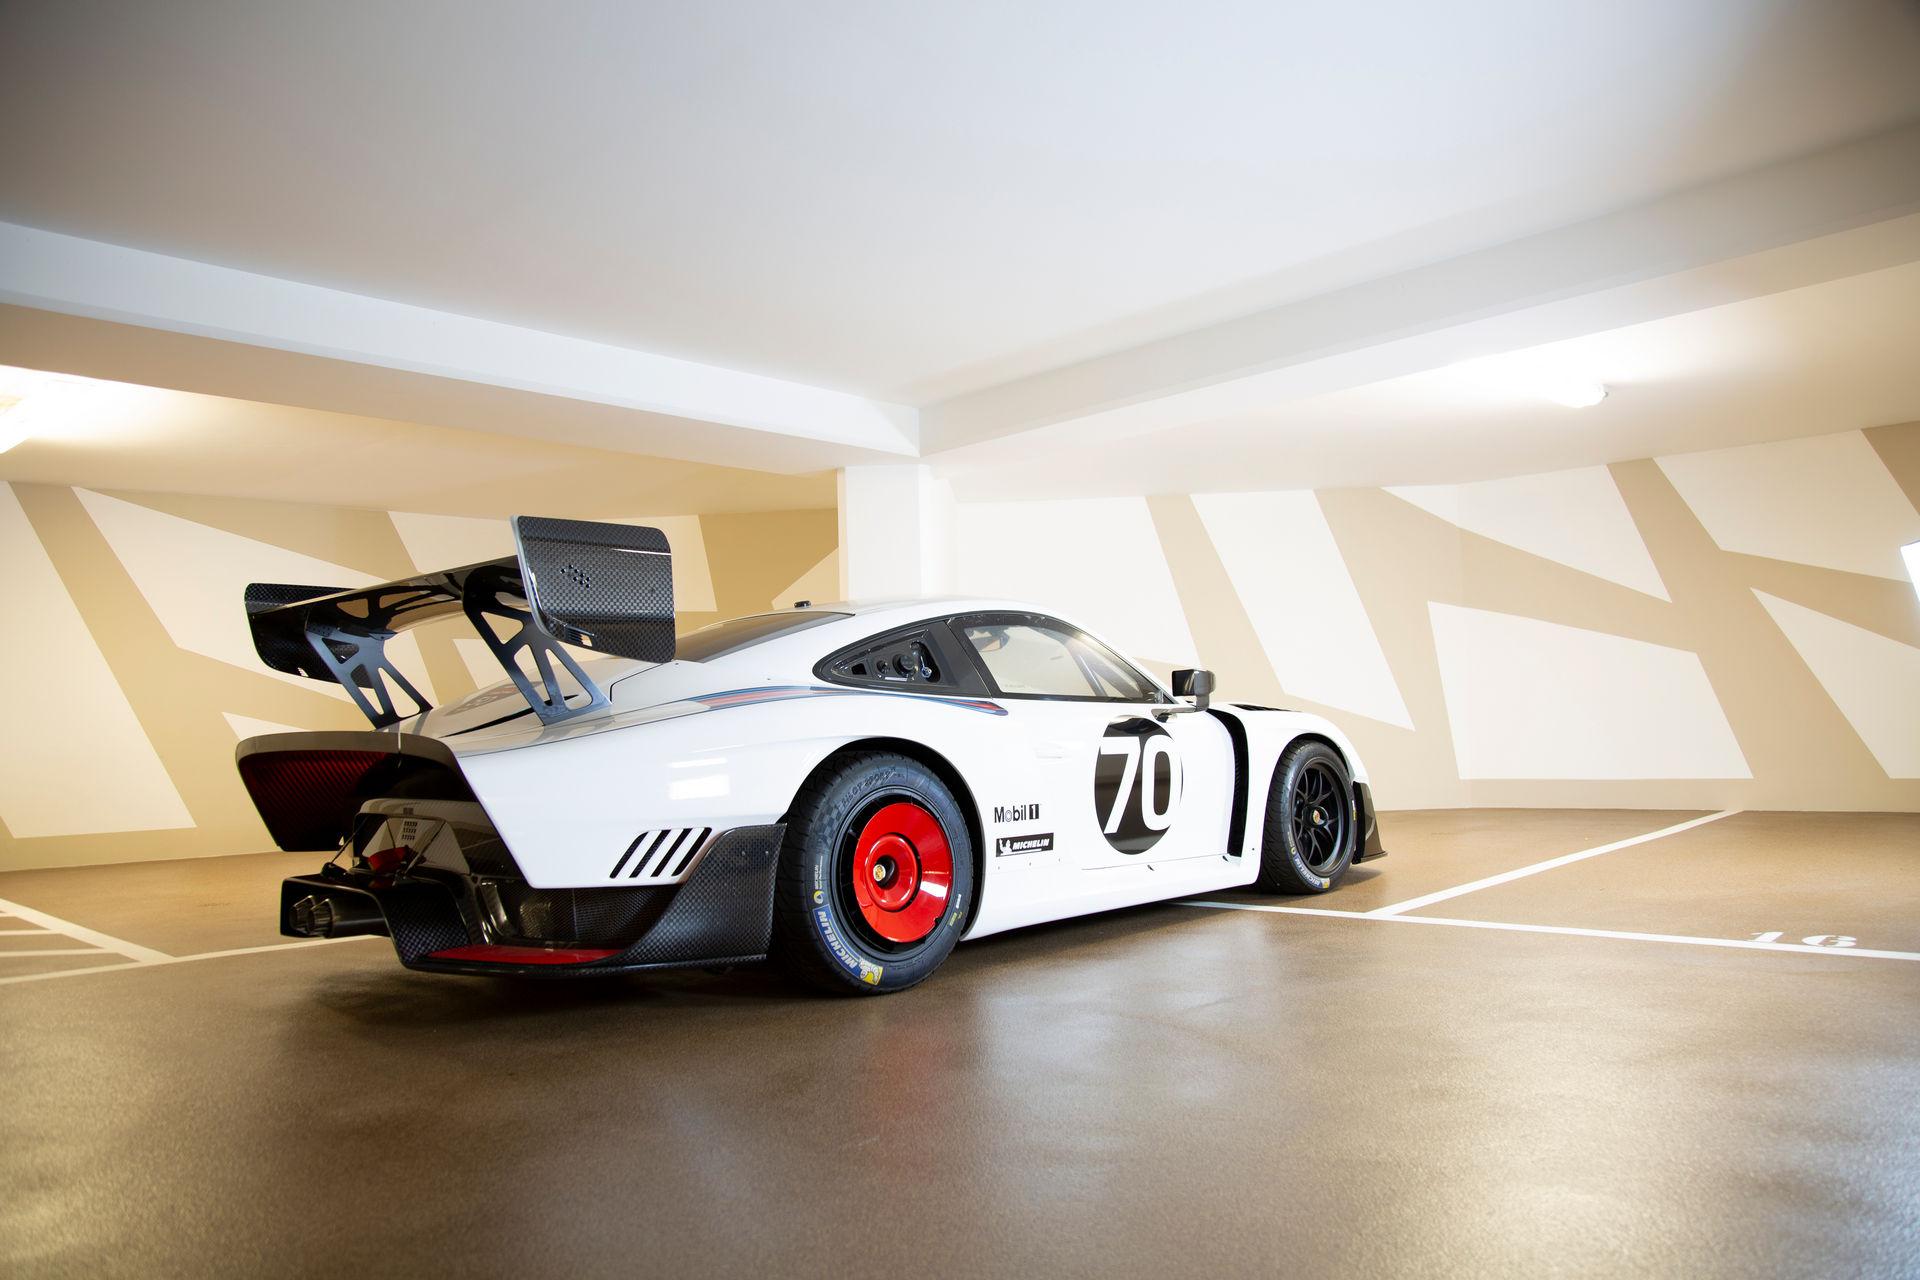 2020_Porsche_935_Martini_Livery_sale_0019